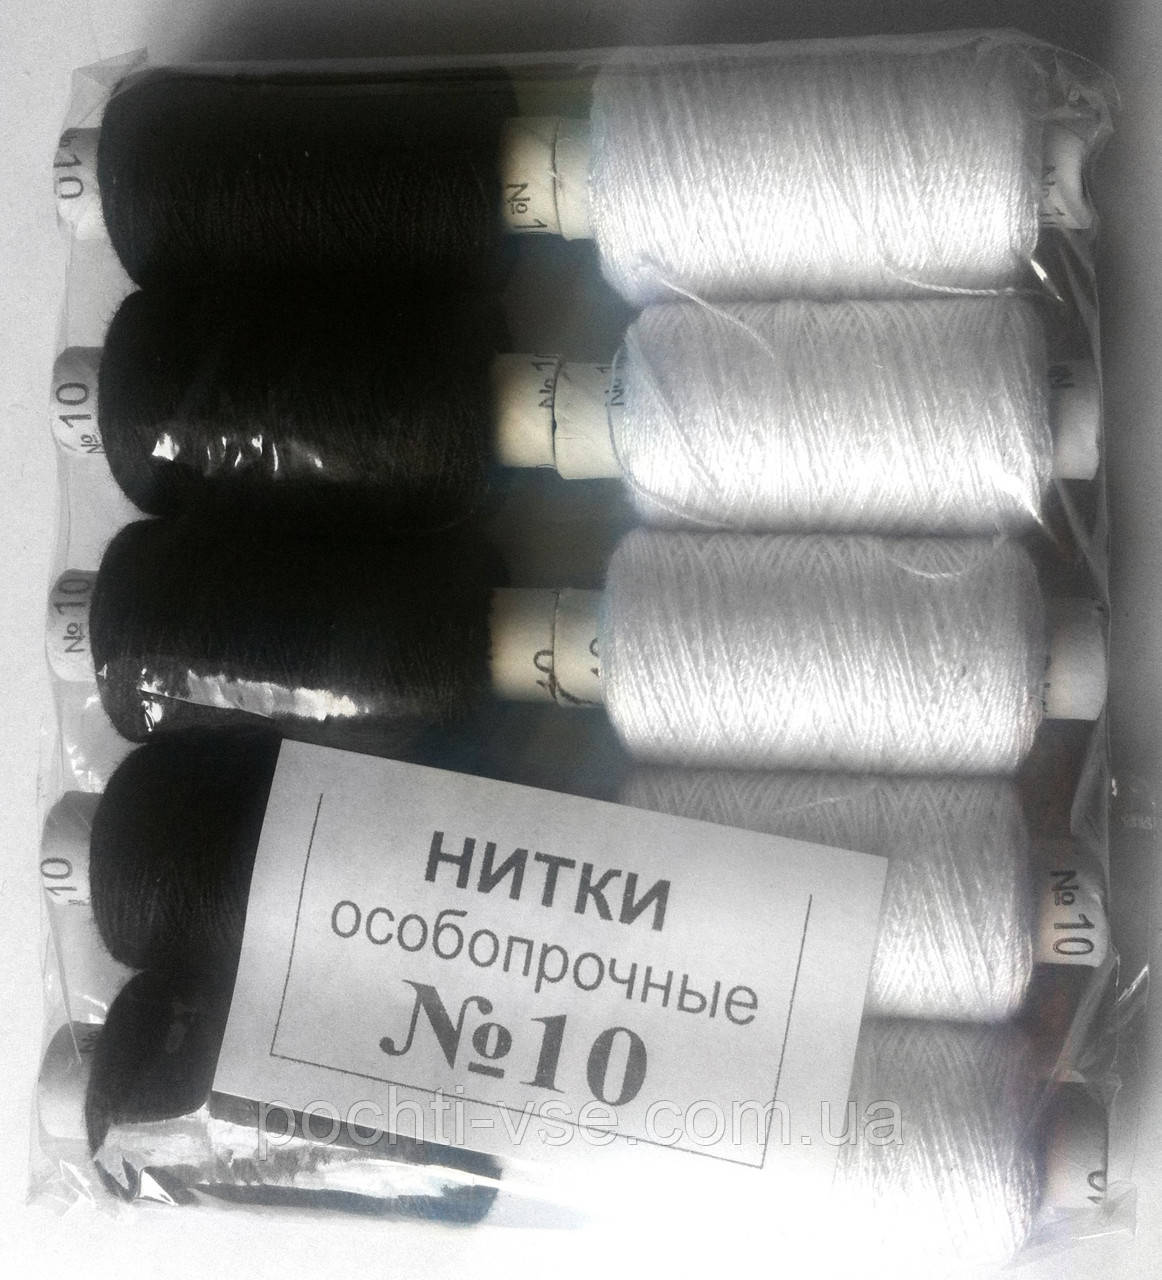 Нитки швейные 10, черно-белые(большой намот)